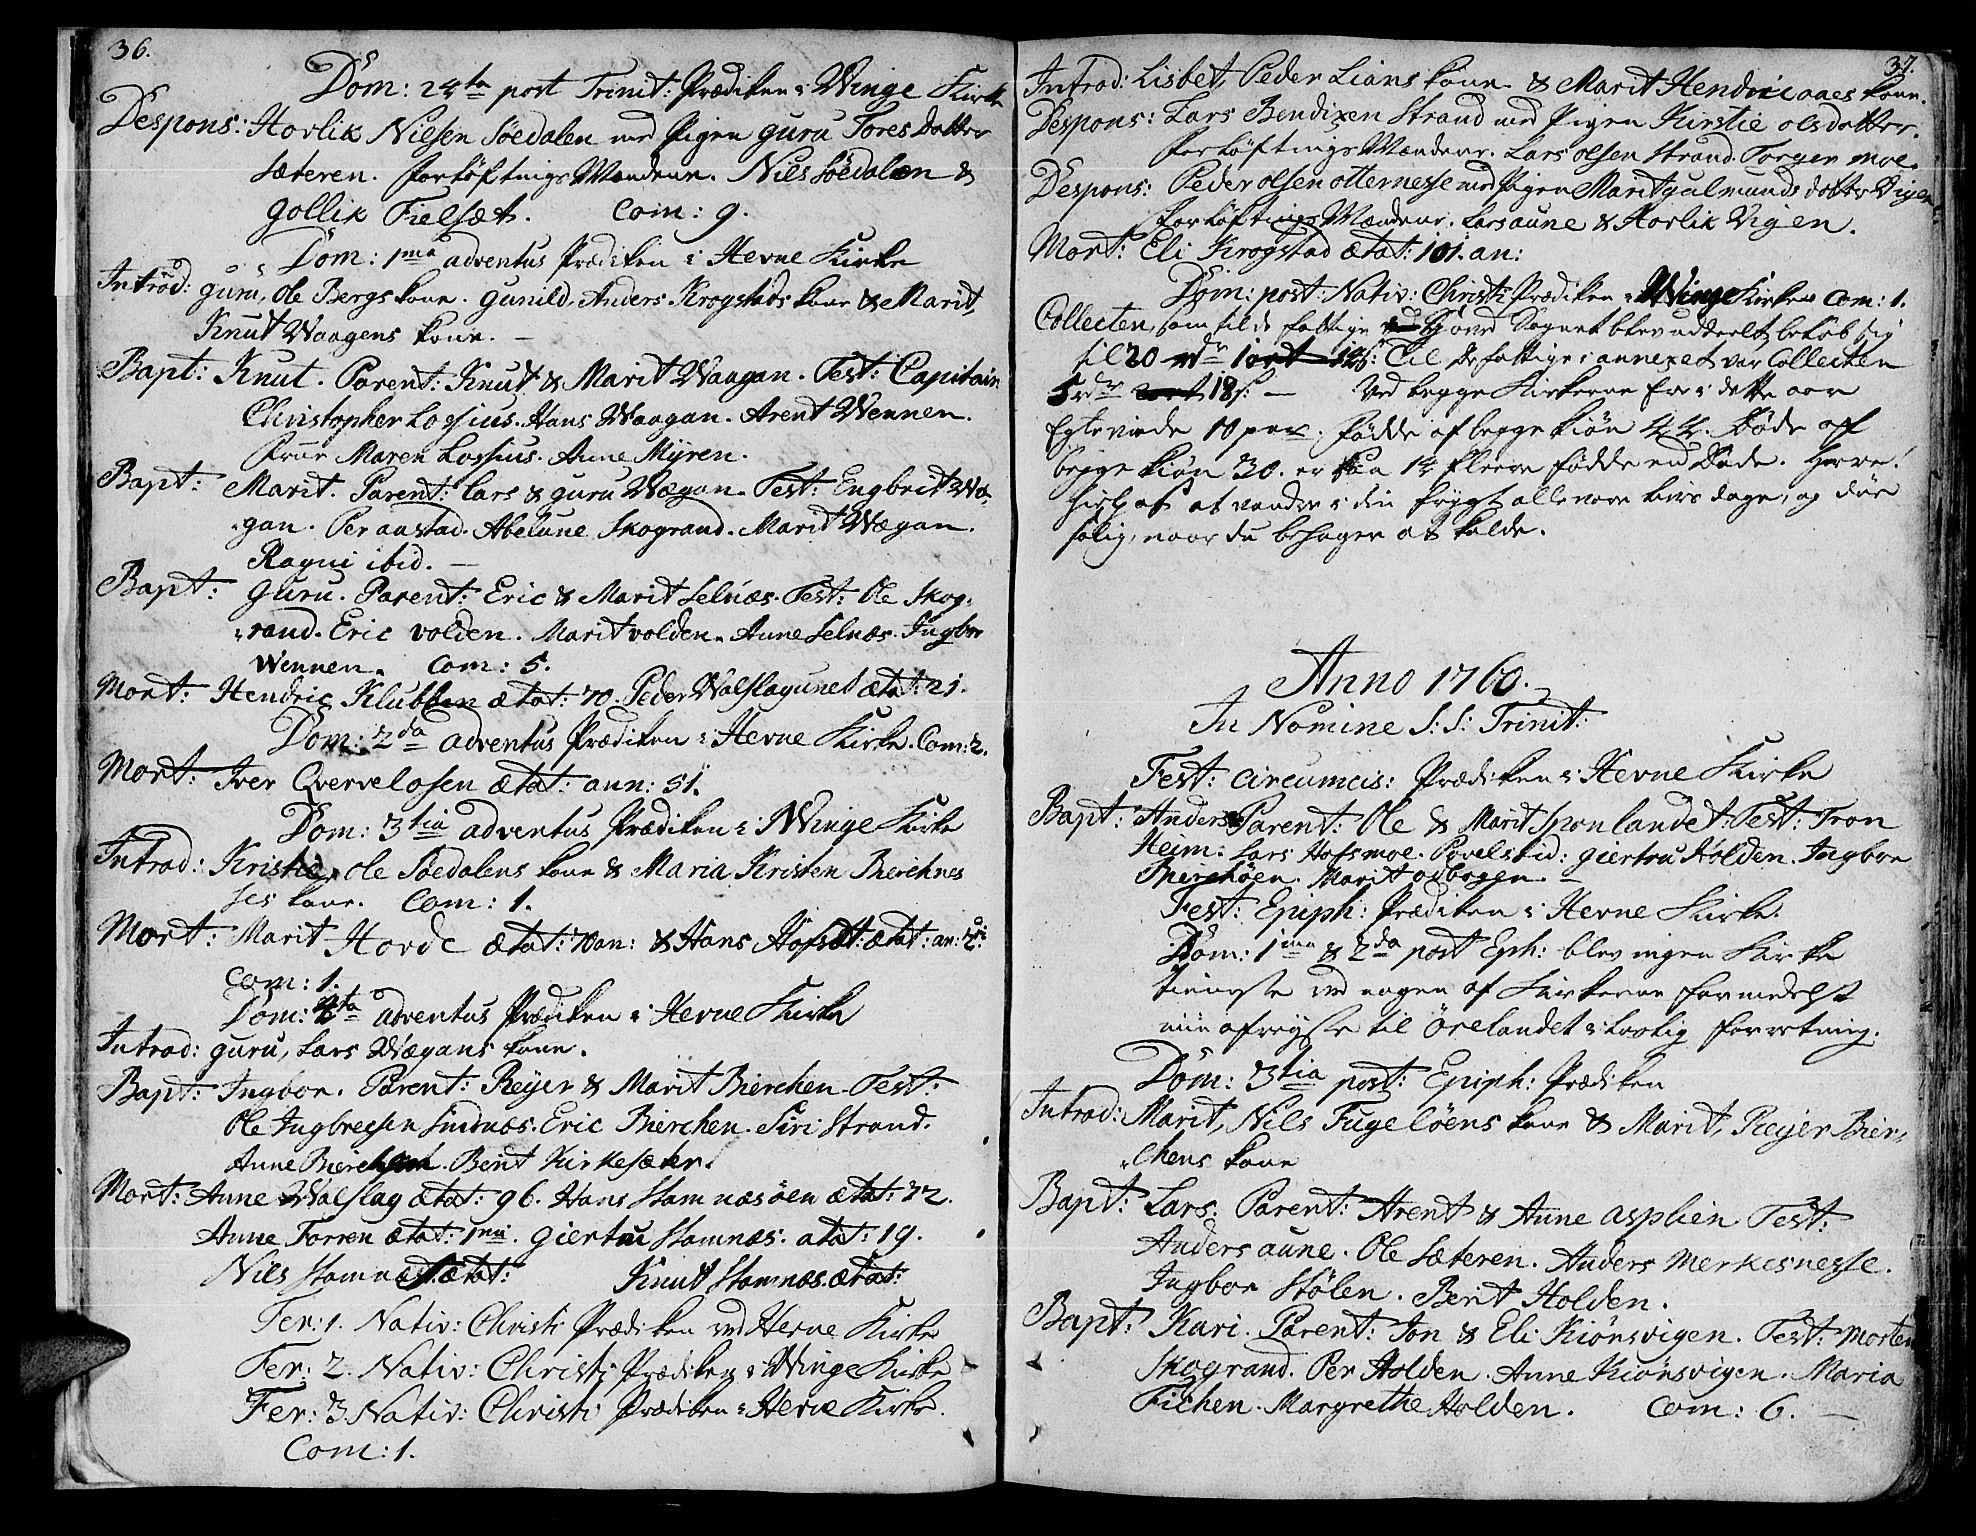 SAT, Ministerialprotokoller, klokkerbøker og fødselsregistre - Sør-Trøndelag, 630/L0489: Ministerialbok nr. 630A02, 1757-1794, s. 36-37